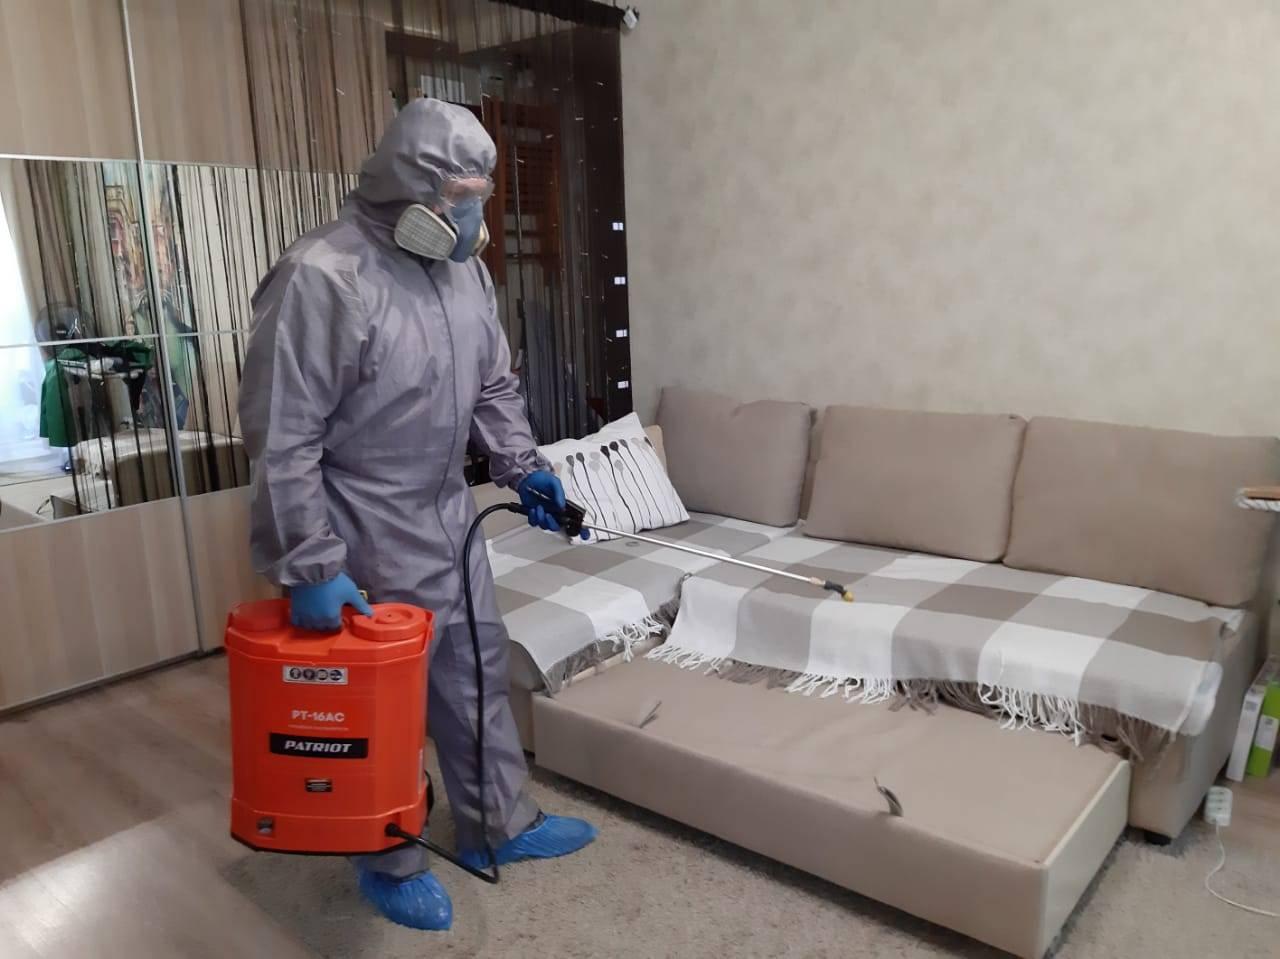 Как избавиться от клопов в диване, народные методы, химикаты